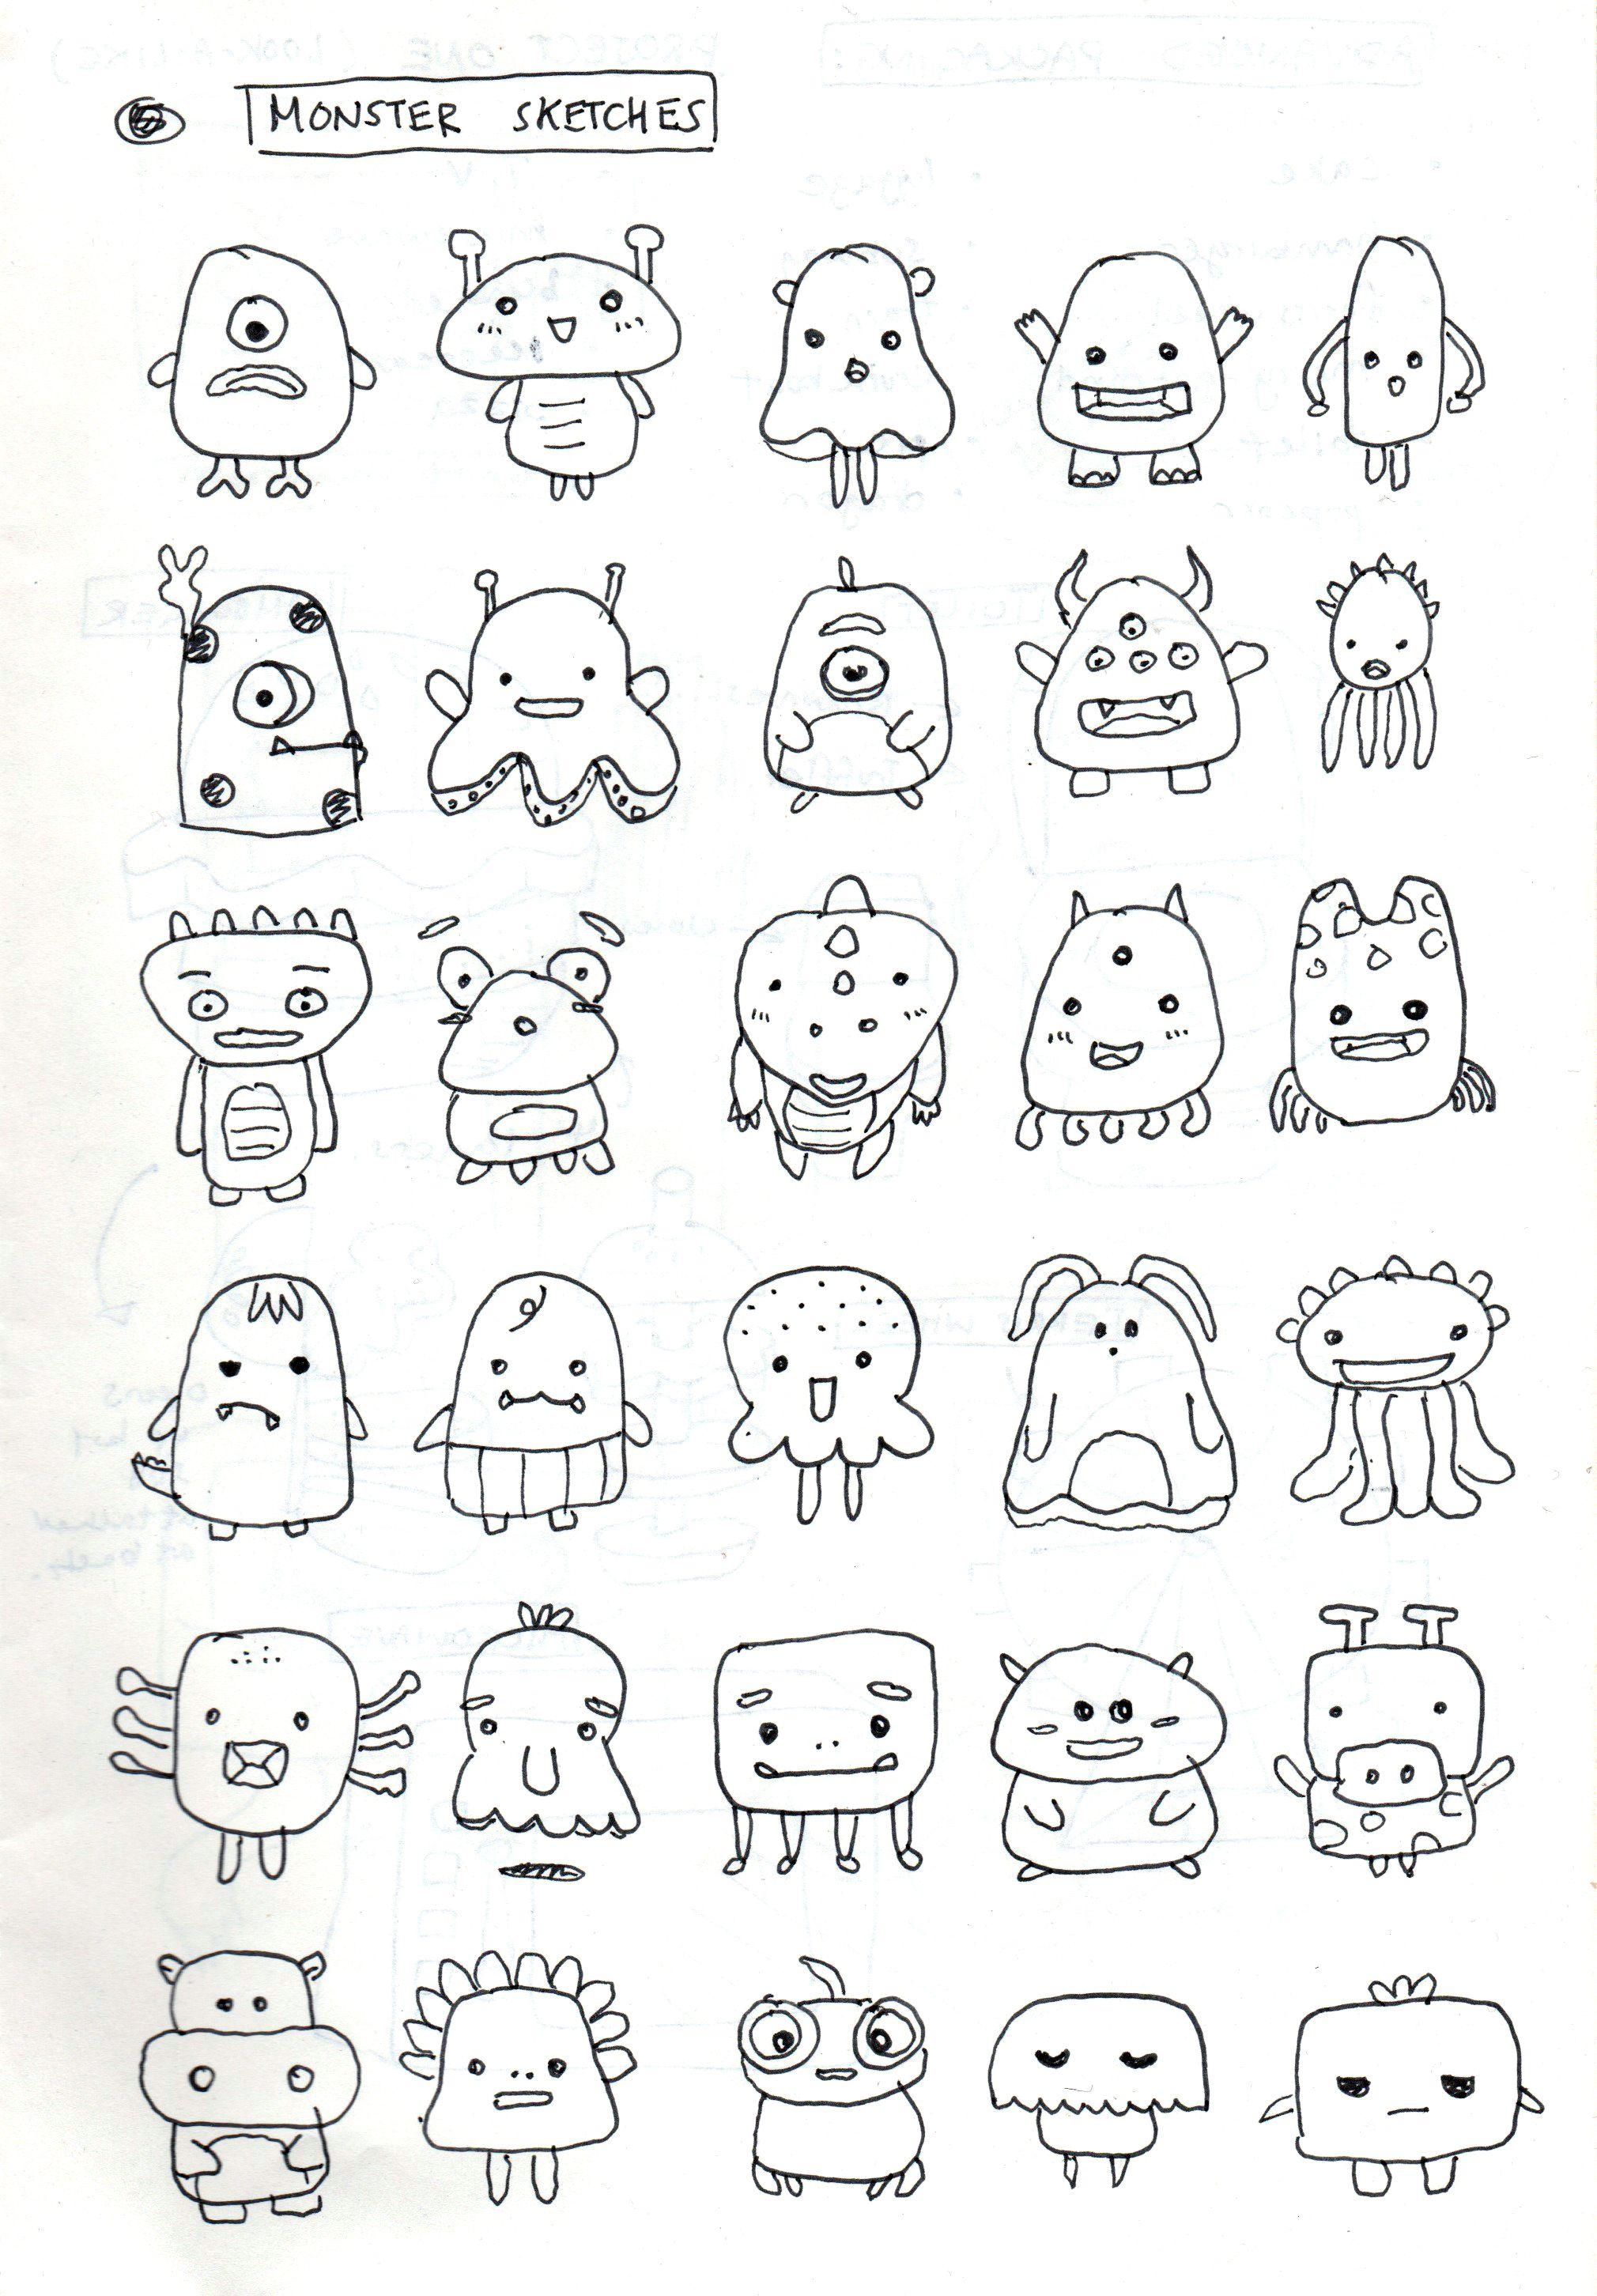 Simple Monster Drawing : simple, monster, drawing, Brainstorm, Doodle, Designs,